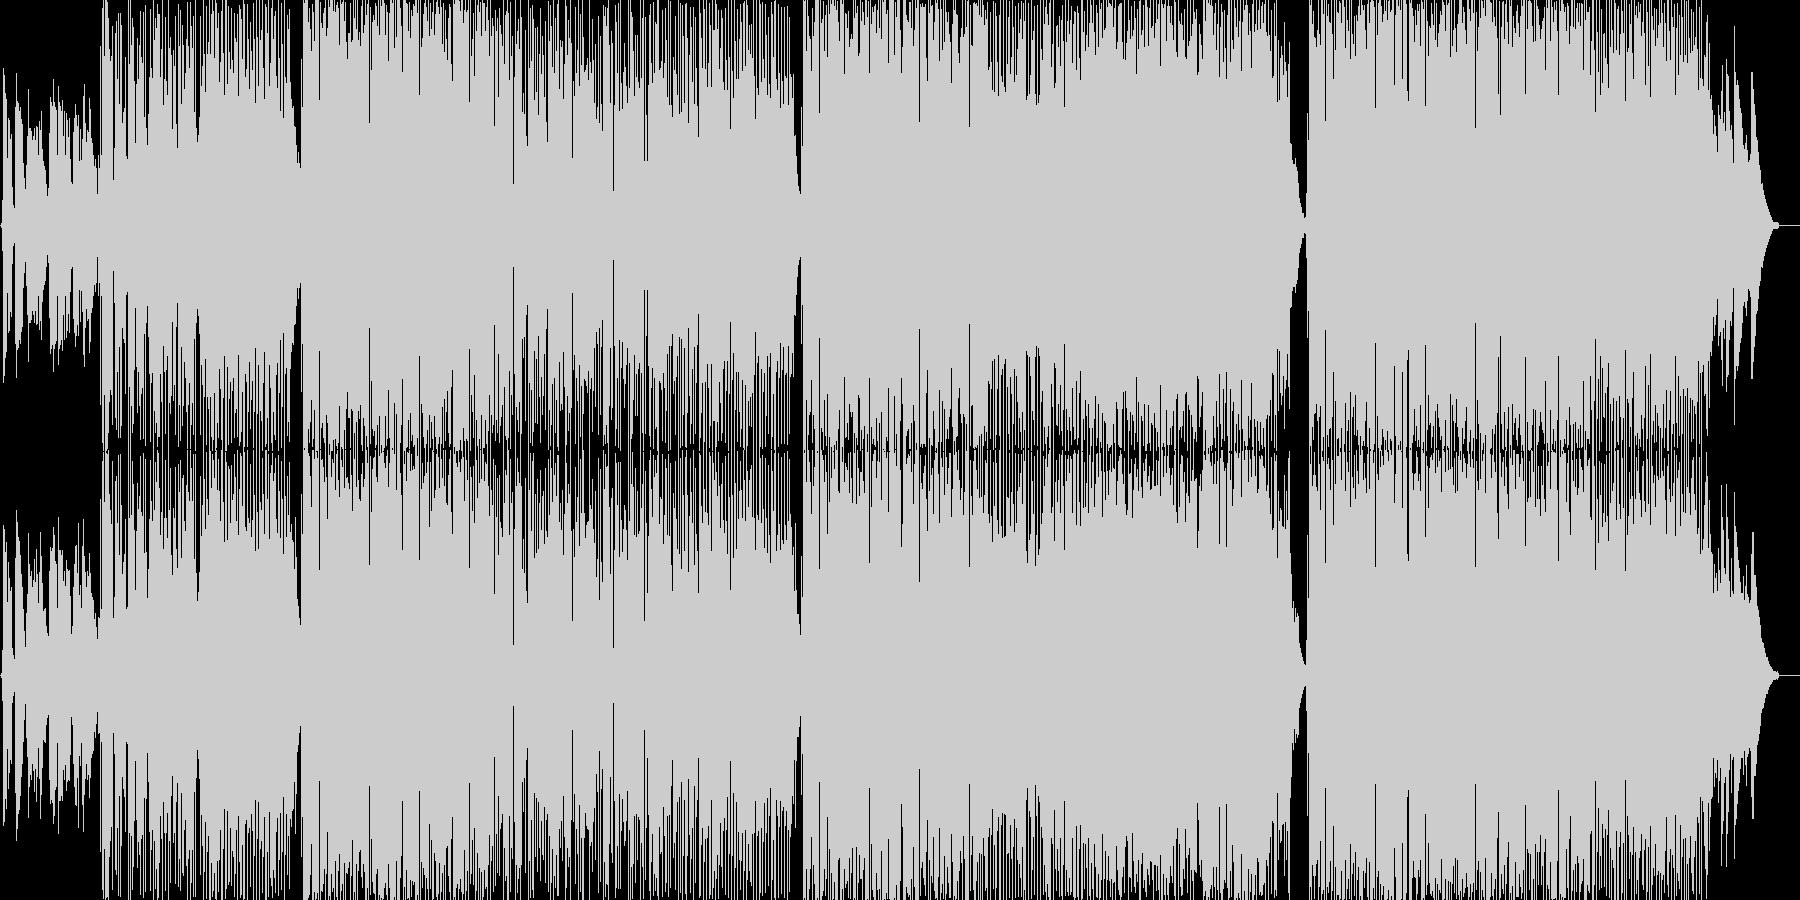 ゆるやかなロックバラード。生演奏。の未再生の波形